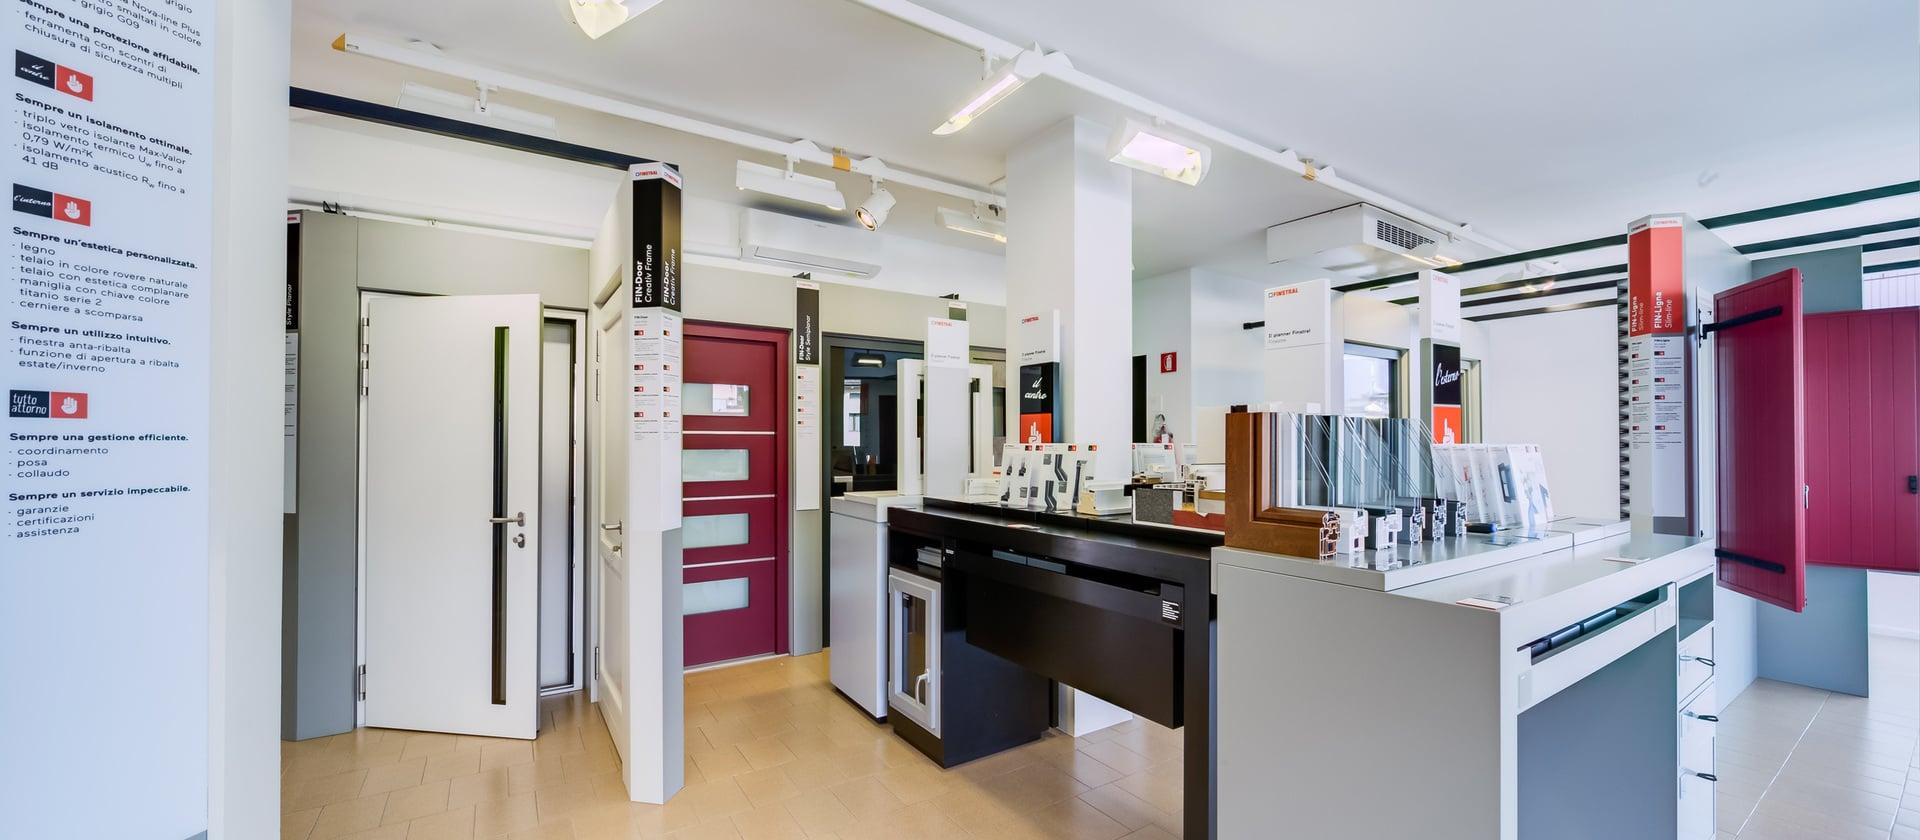 Studio Finstral Belluno